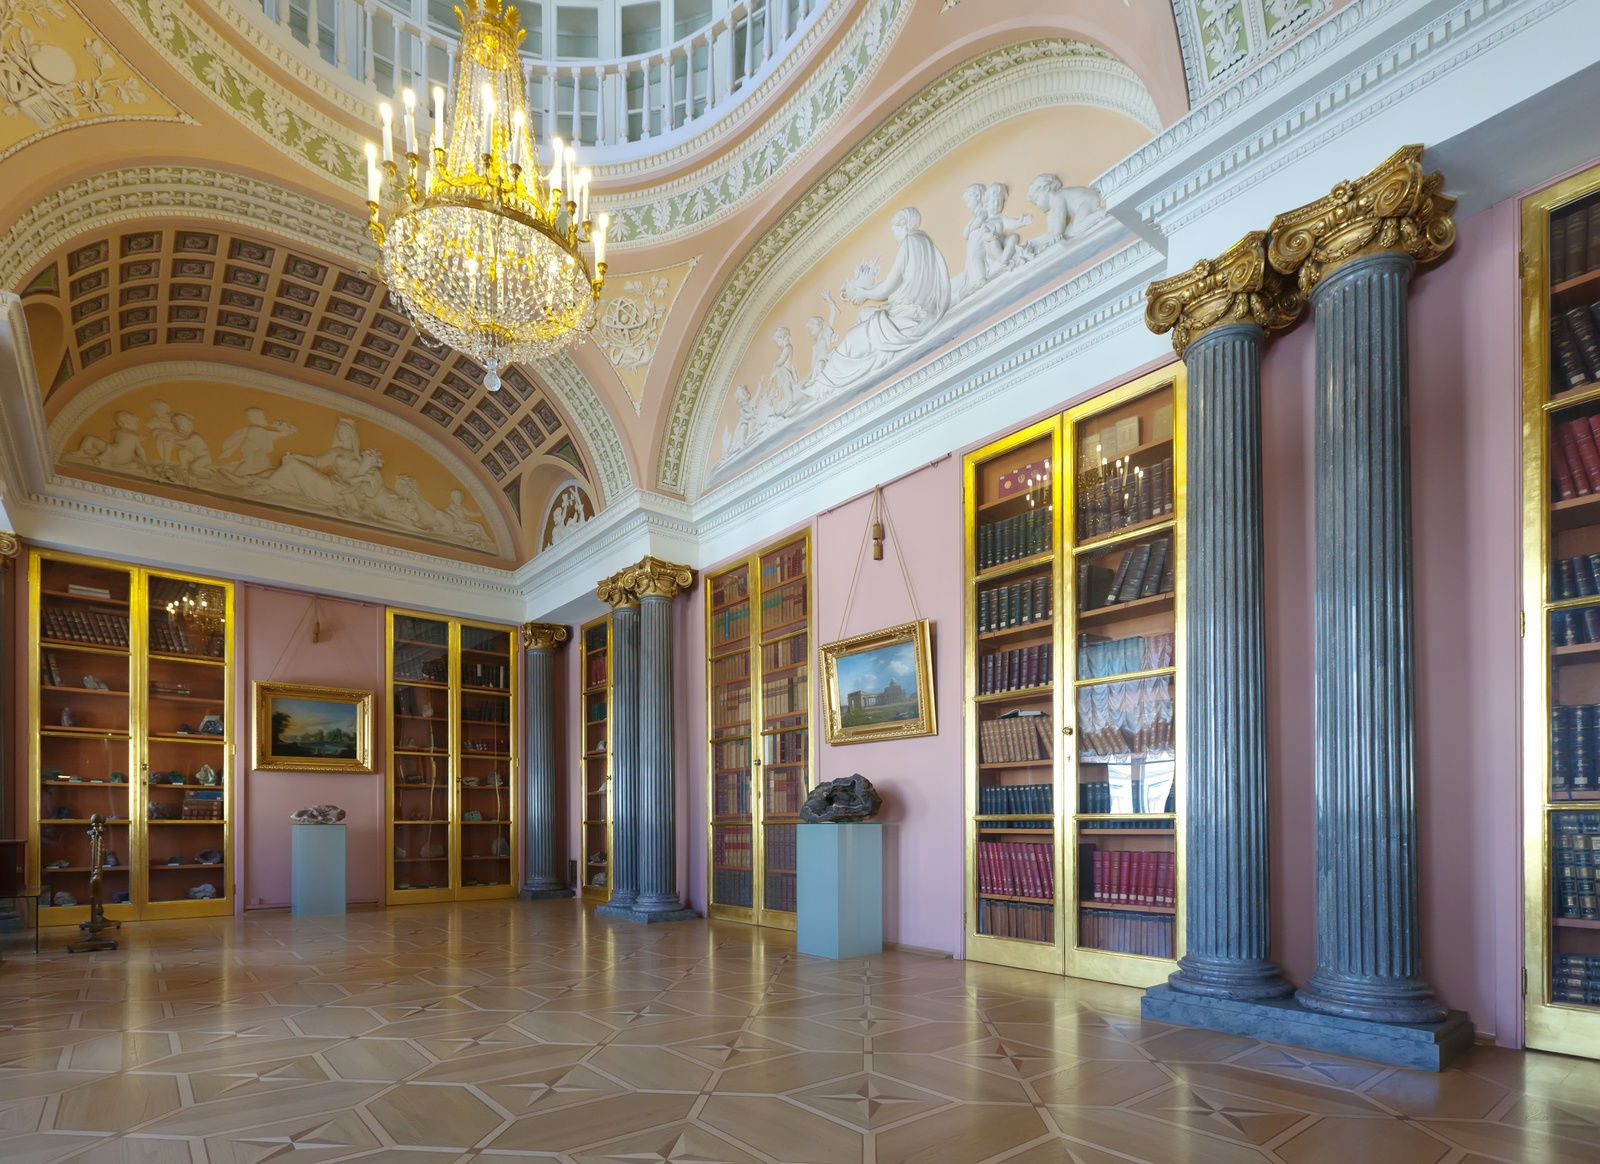 Минералогический кабинет в Строгановском дворце